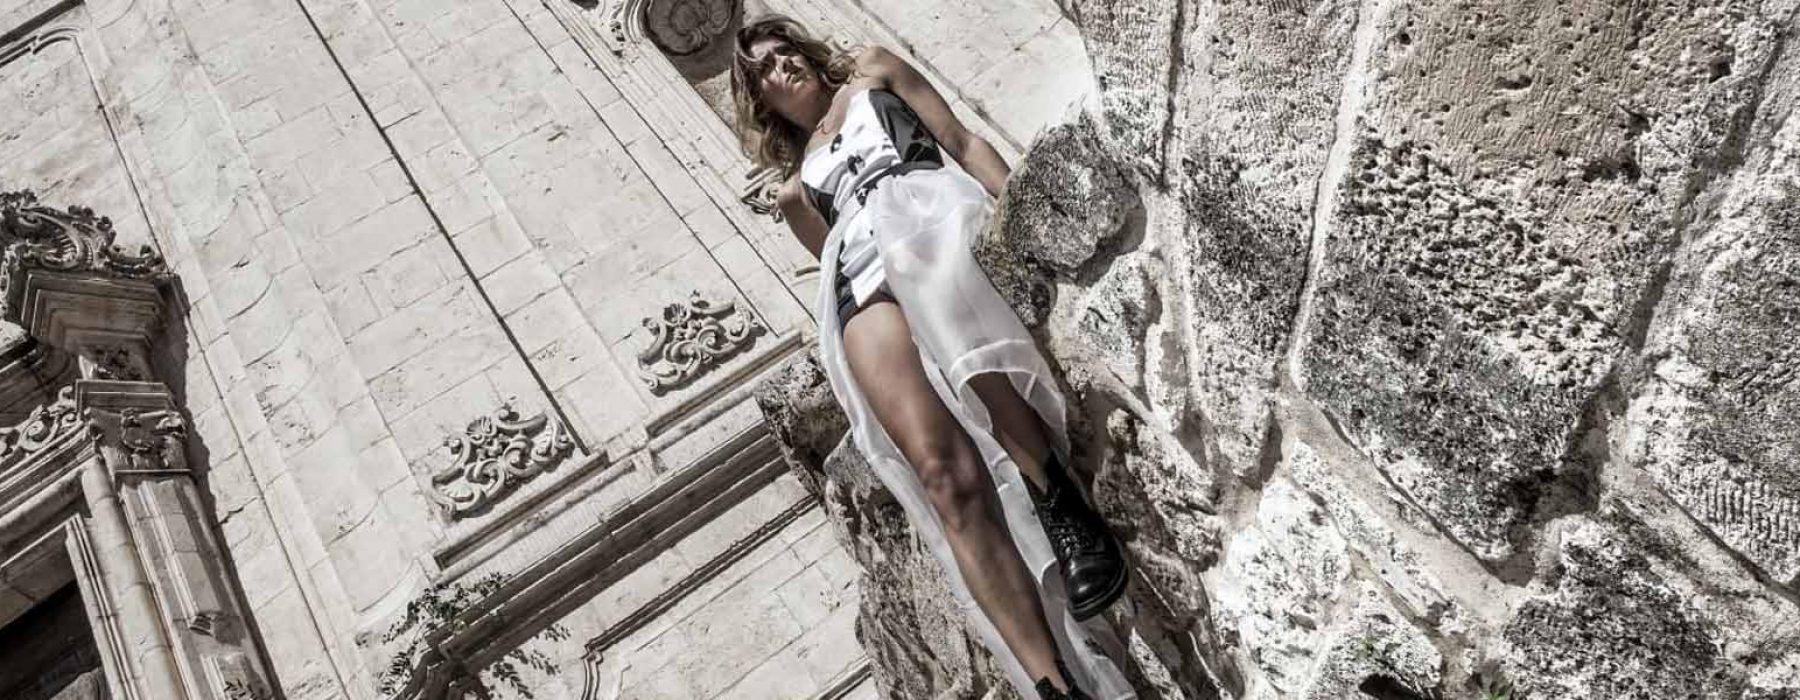 Francesca Fossati – La poésie dans l'art que fait chaque femme unique